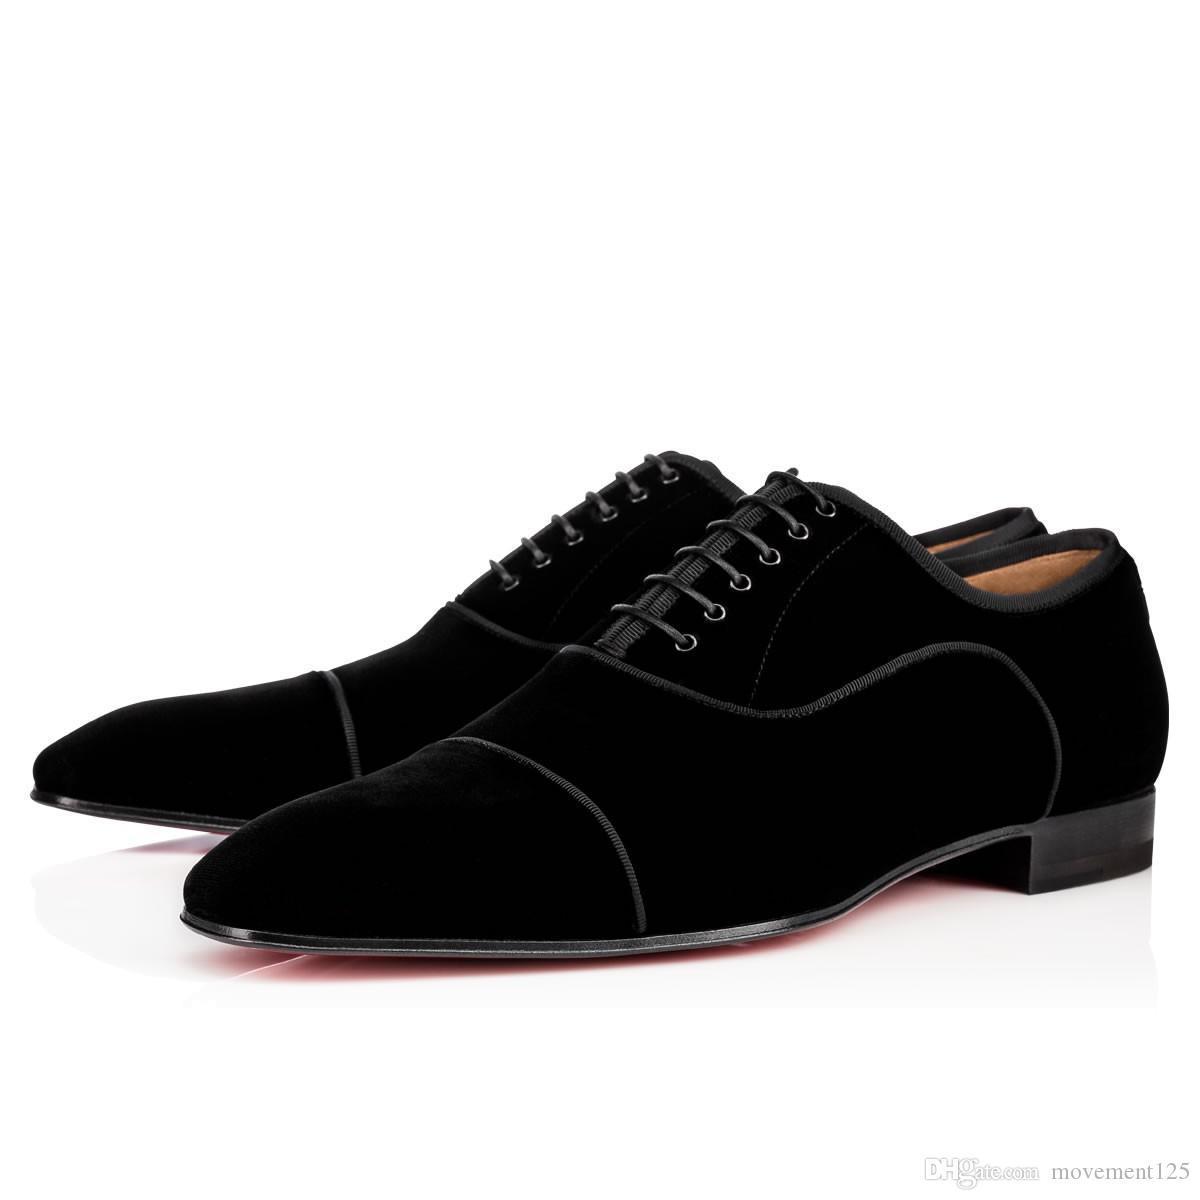 Высокое Качество Greggo Квартира Для Вечеринку Платье Бизнес Женщины,Мужчины Мода Красные Нижние Оксфорды Обувь Повседневная Обувь Размер 35-46